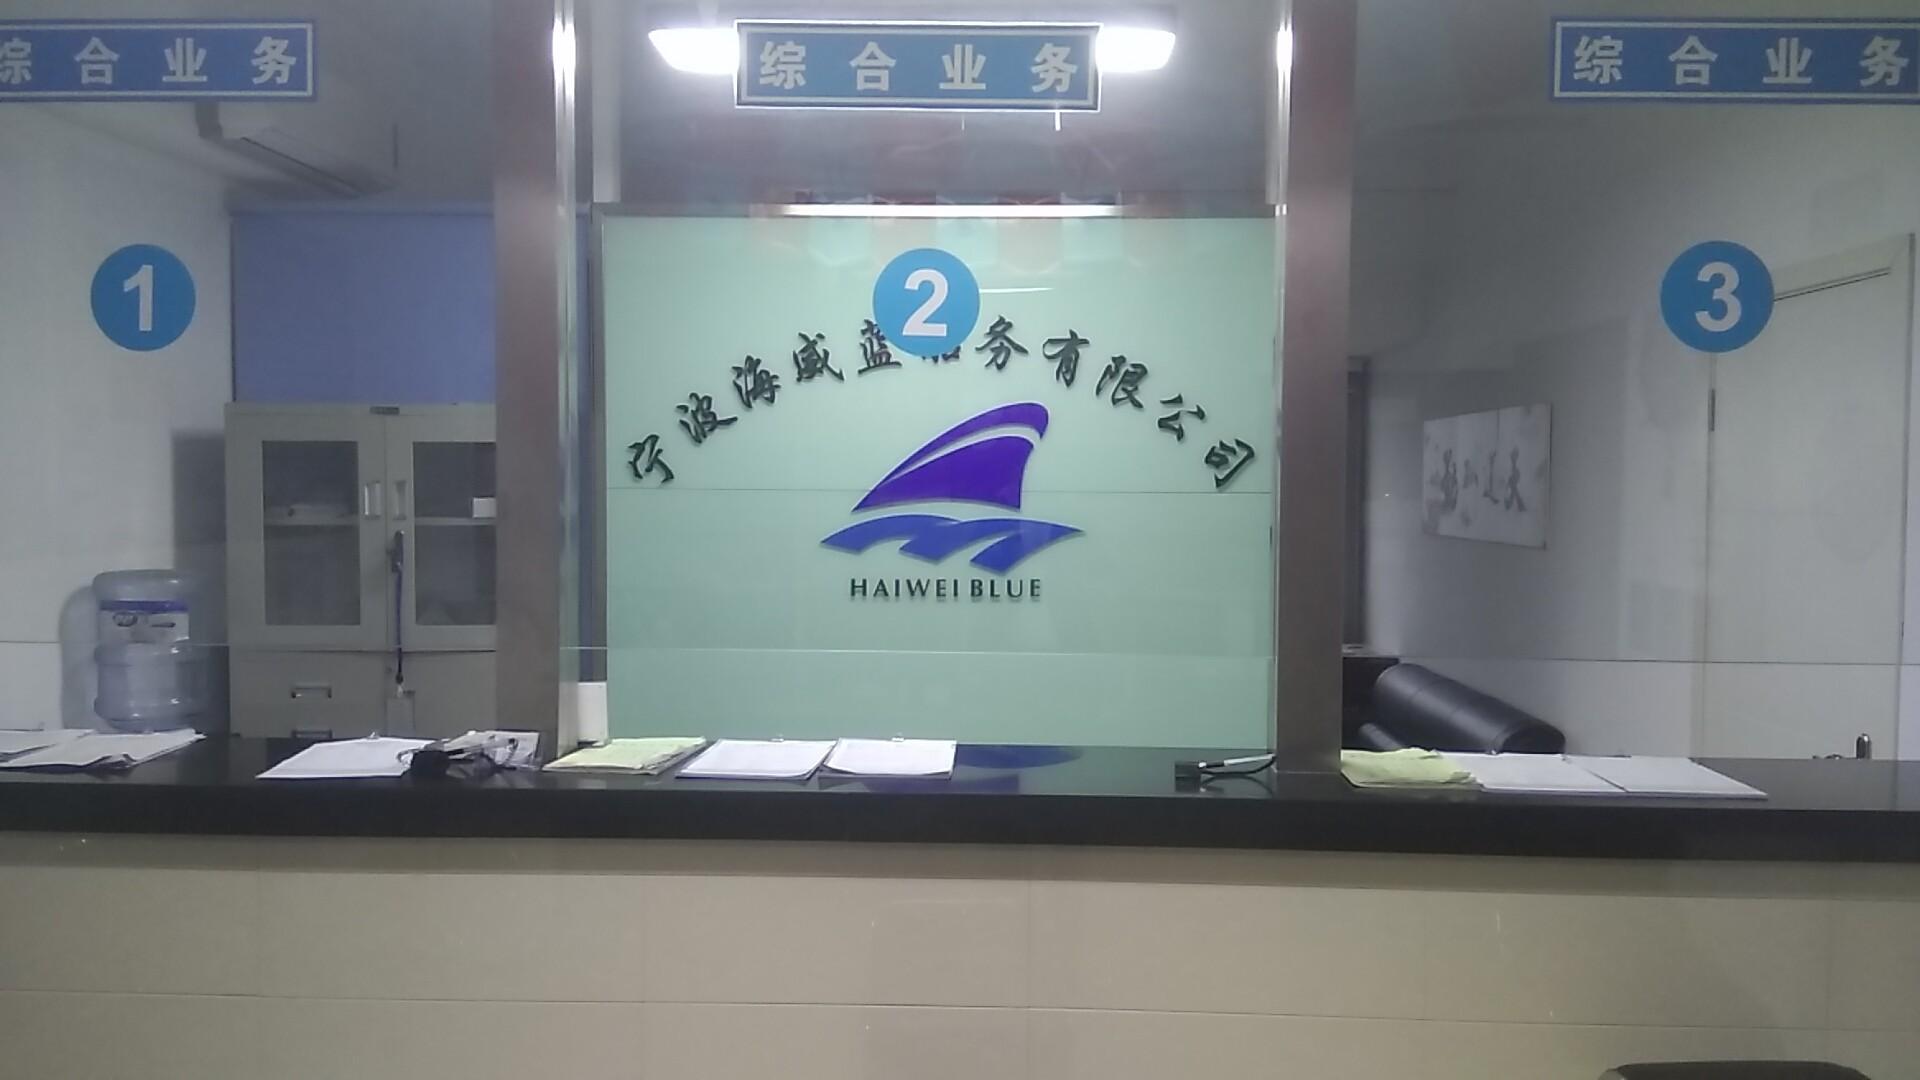 安徽跟船医生 浙江提供有经验的船员招聘